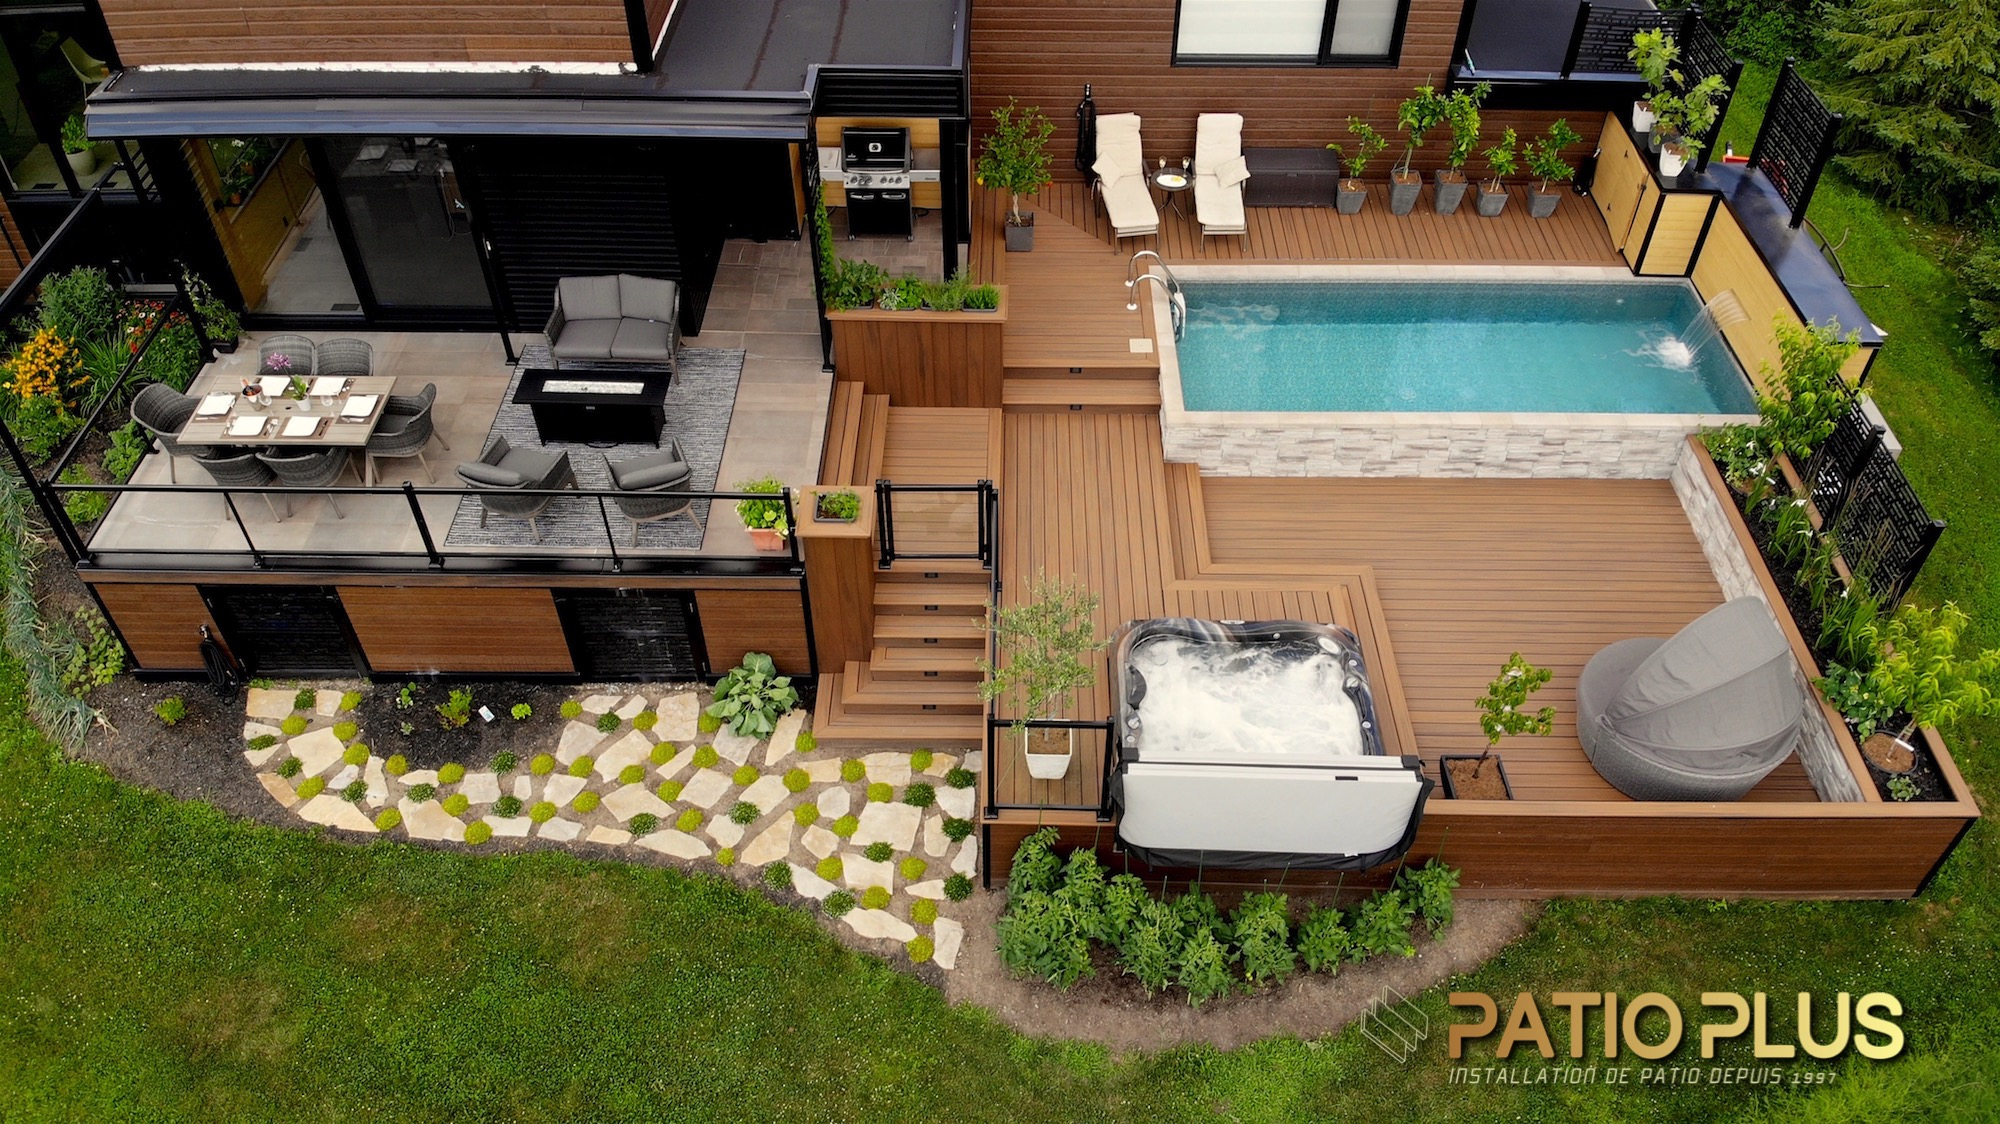 Patio Plus | Installation De Patio Trex & Timbertech | Patio ... avec Modele De Terrasse